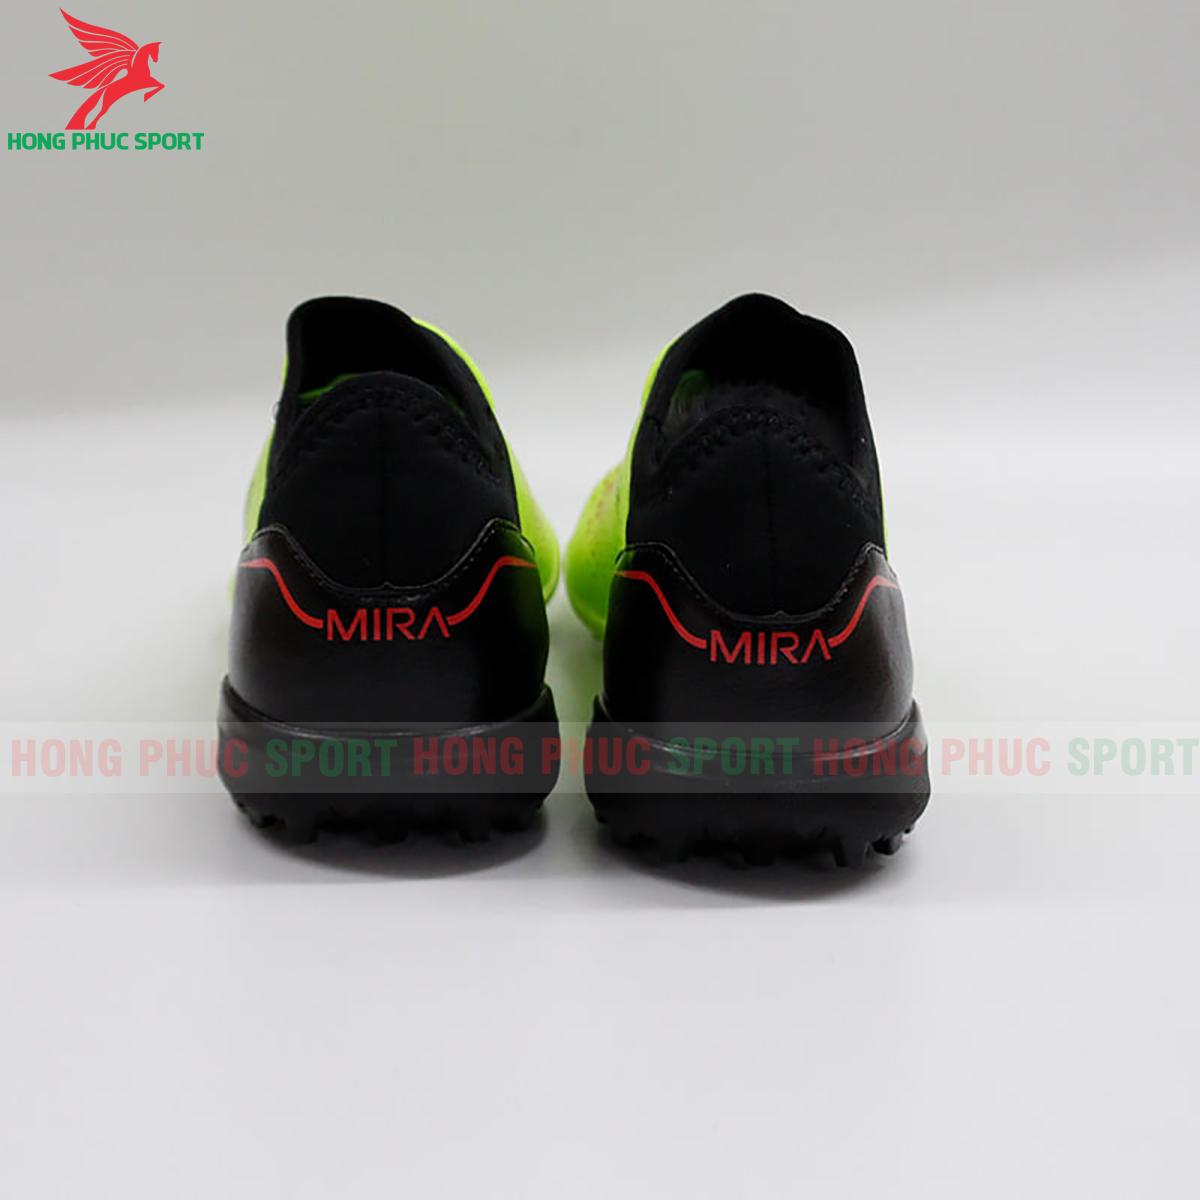 https://cdn.hongphucsport.com/unsafe/s4.shopbay.vn/files/285/giay-da-bong-mira-lux-20-3-mau-xanh-chuoi-phoi-den-6-5f7405299ee7c.png